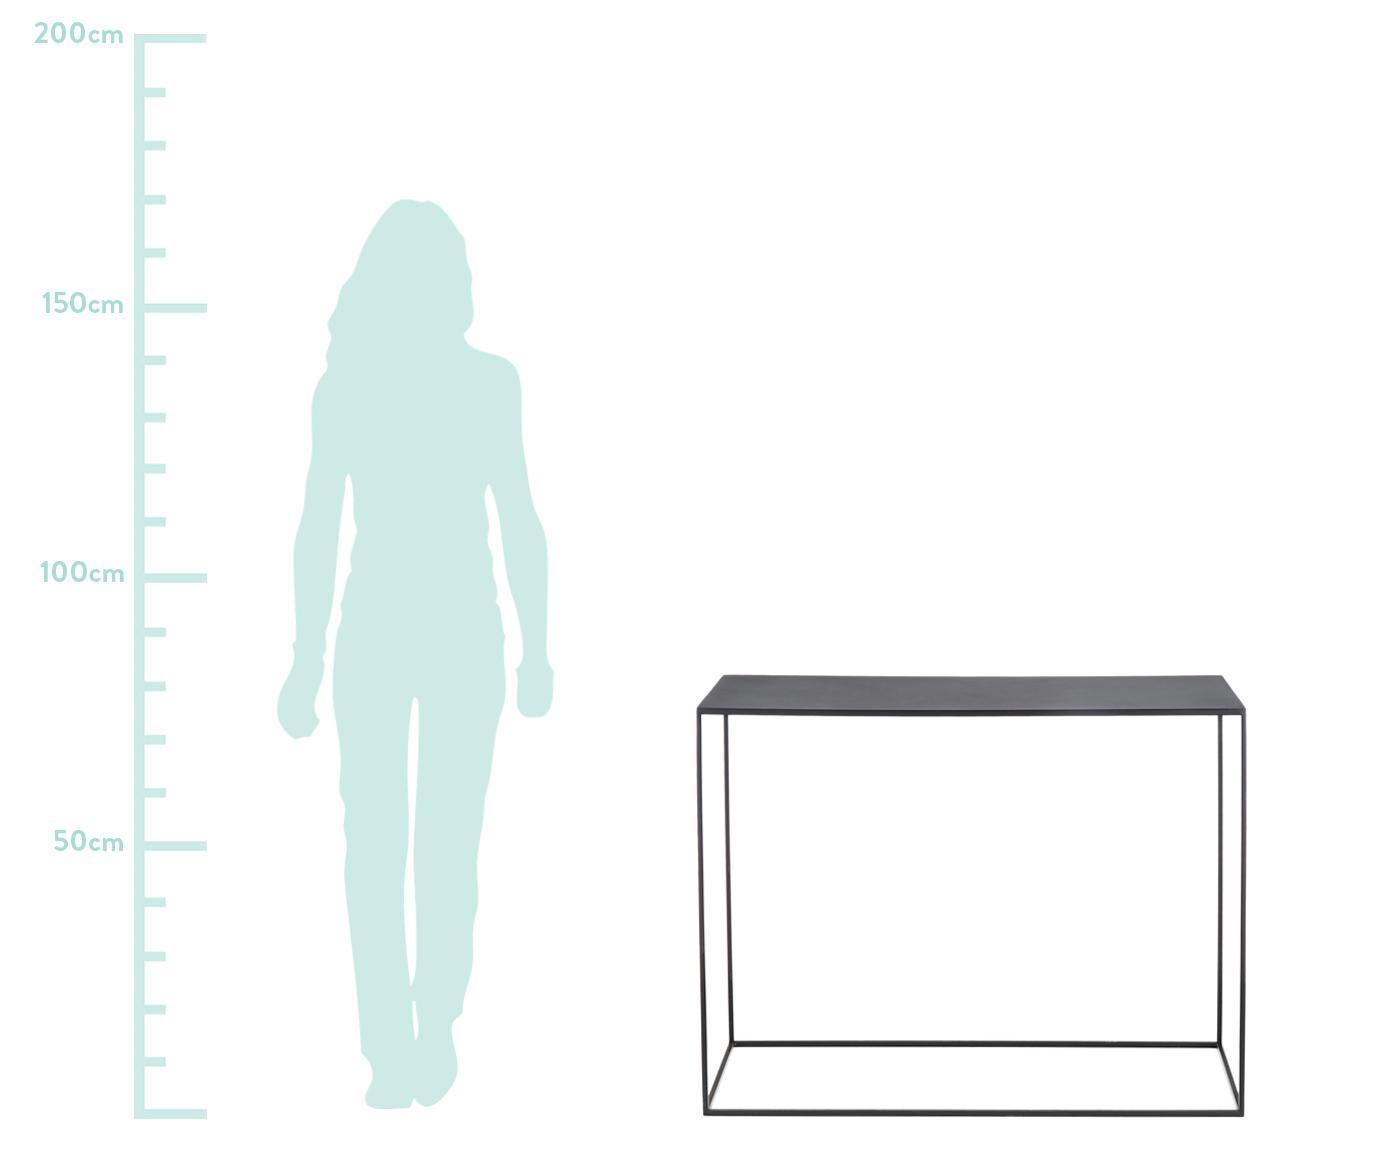 Metall-Konsole Tensio in Schwarz, Metall, pulverbeschichtet, Schwarz, B 100 x T 35 cm